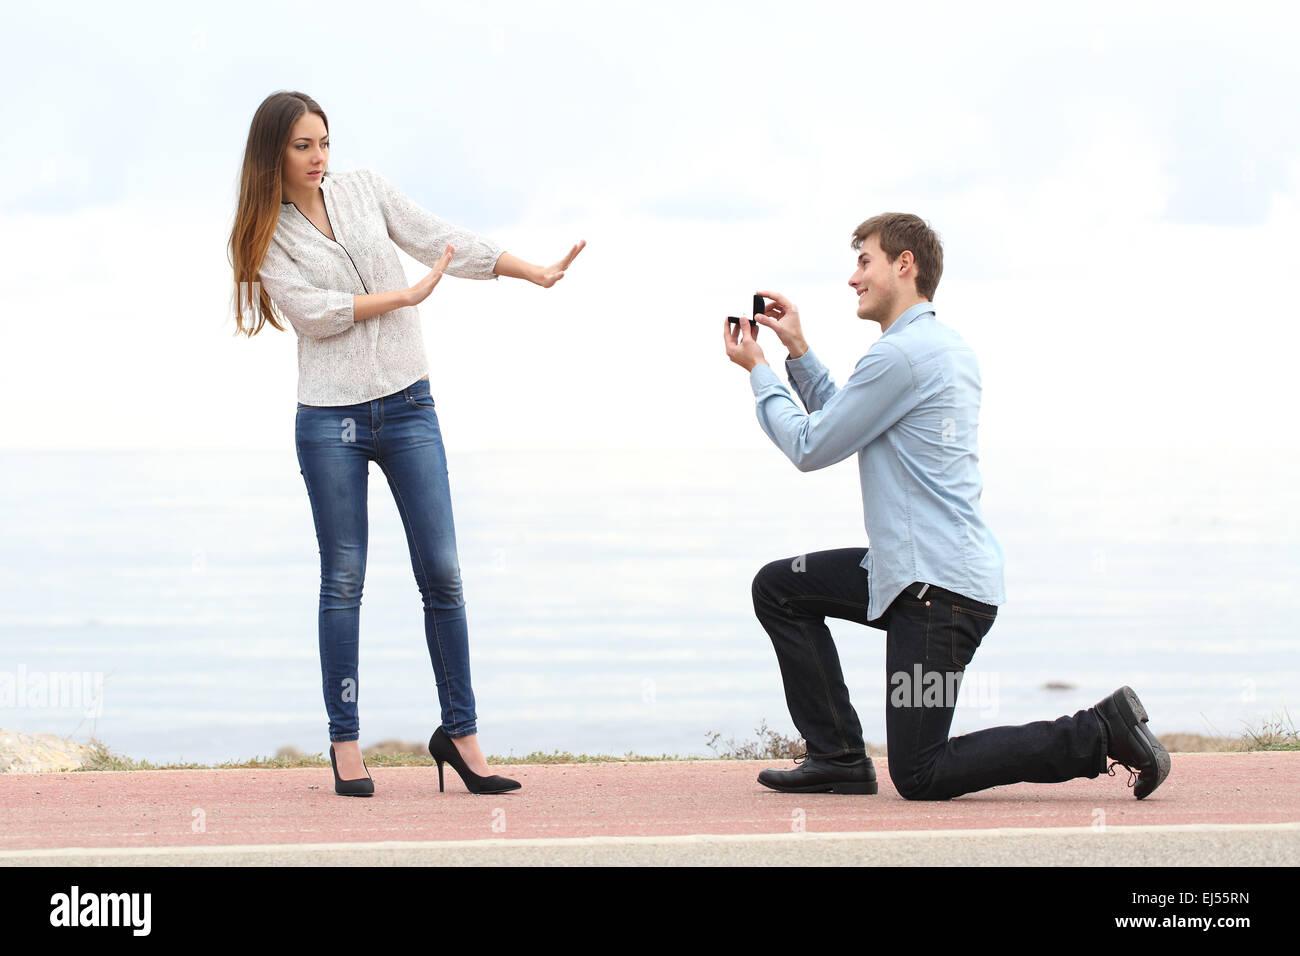 Propuesta rechazo cuando un hombre feliz pide en matrimonio a una mujer en la playa Imagen De Stock